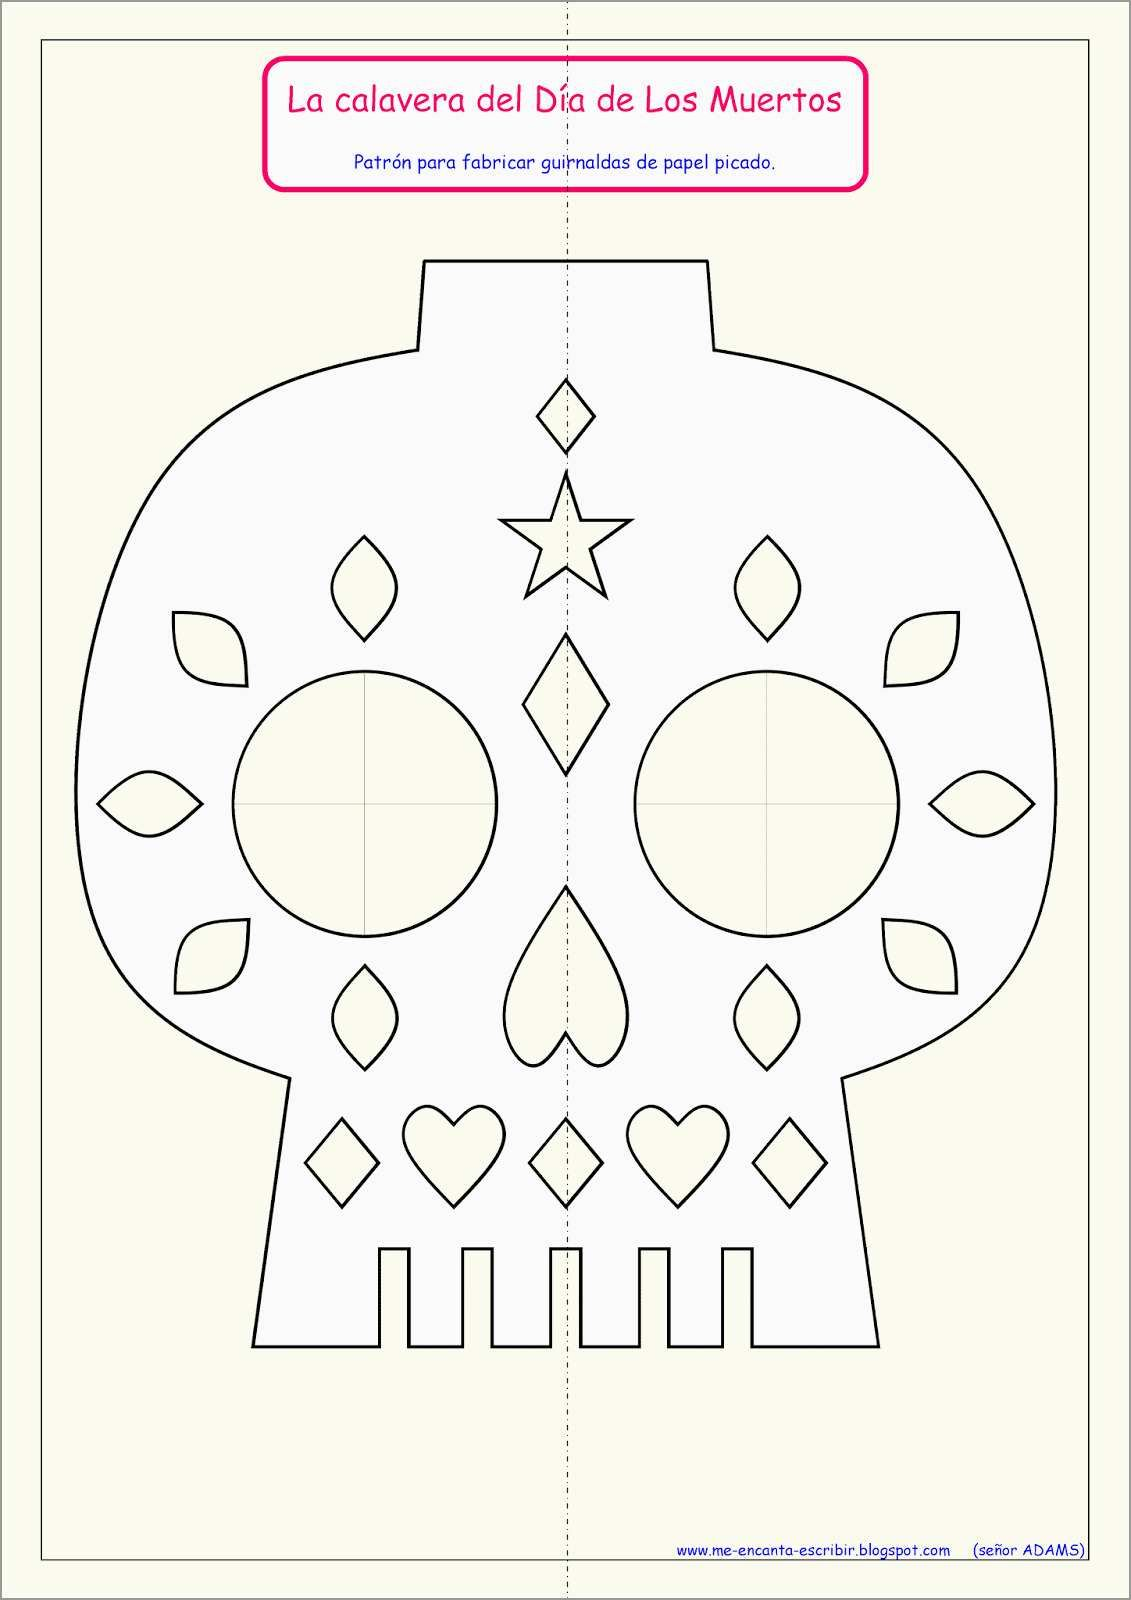 Patrones Para Papel Picado Dia De Muertos